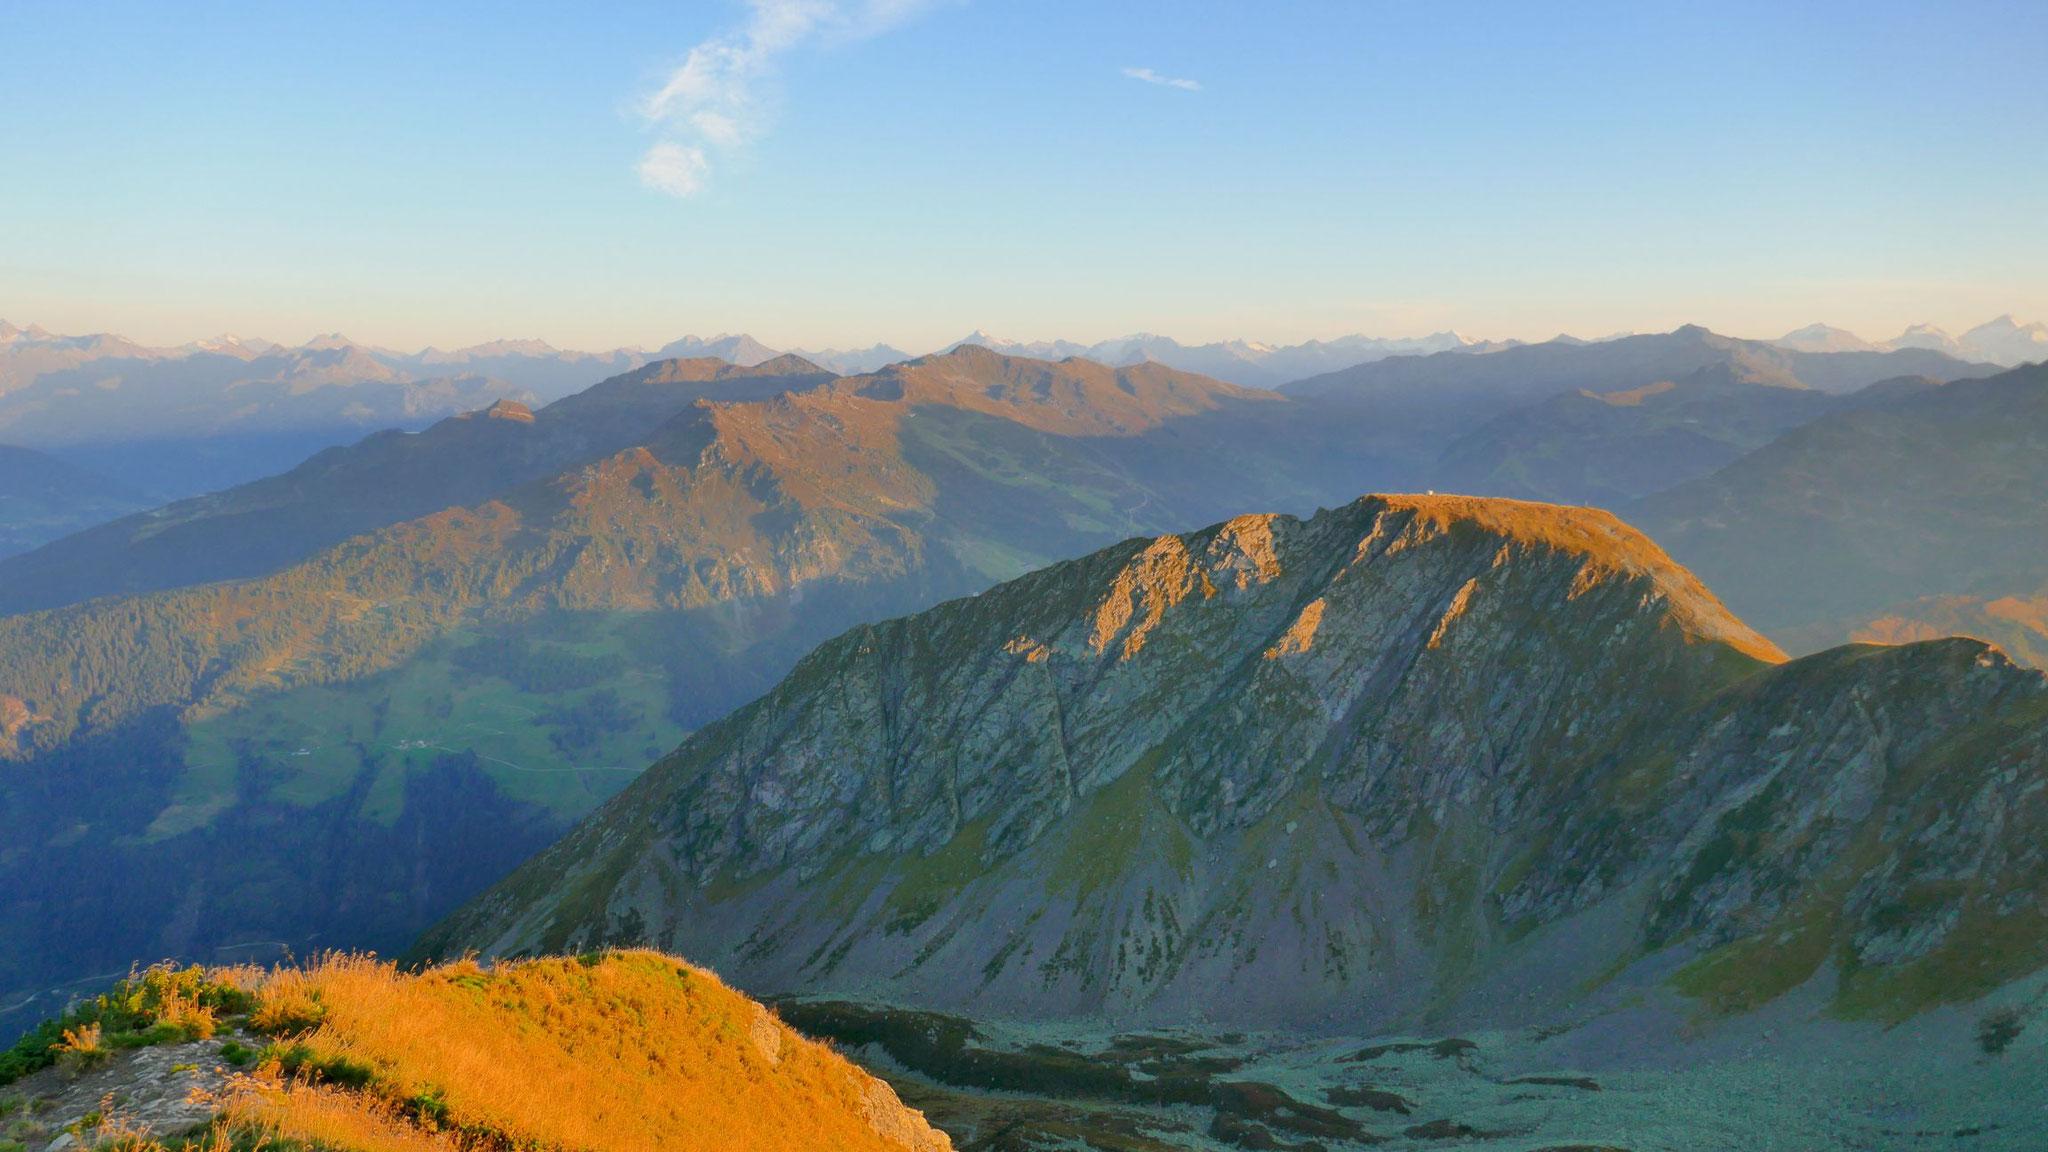 Östliche Tuxer Alpen, am Horizont die Zillertaler Gletscherberge